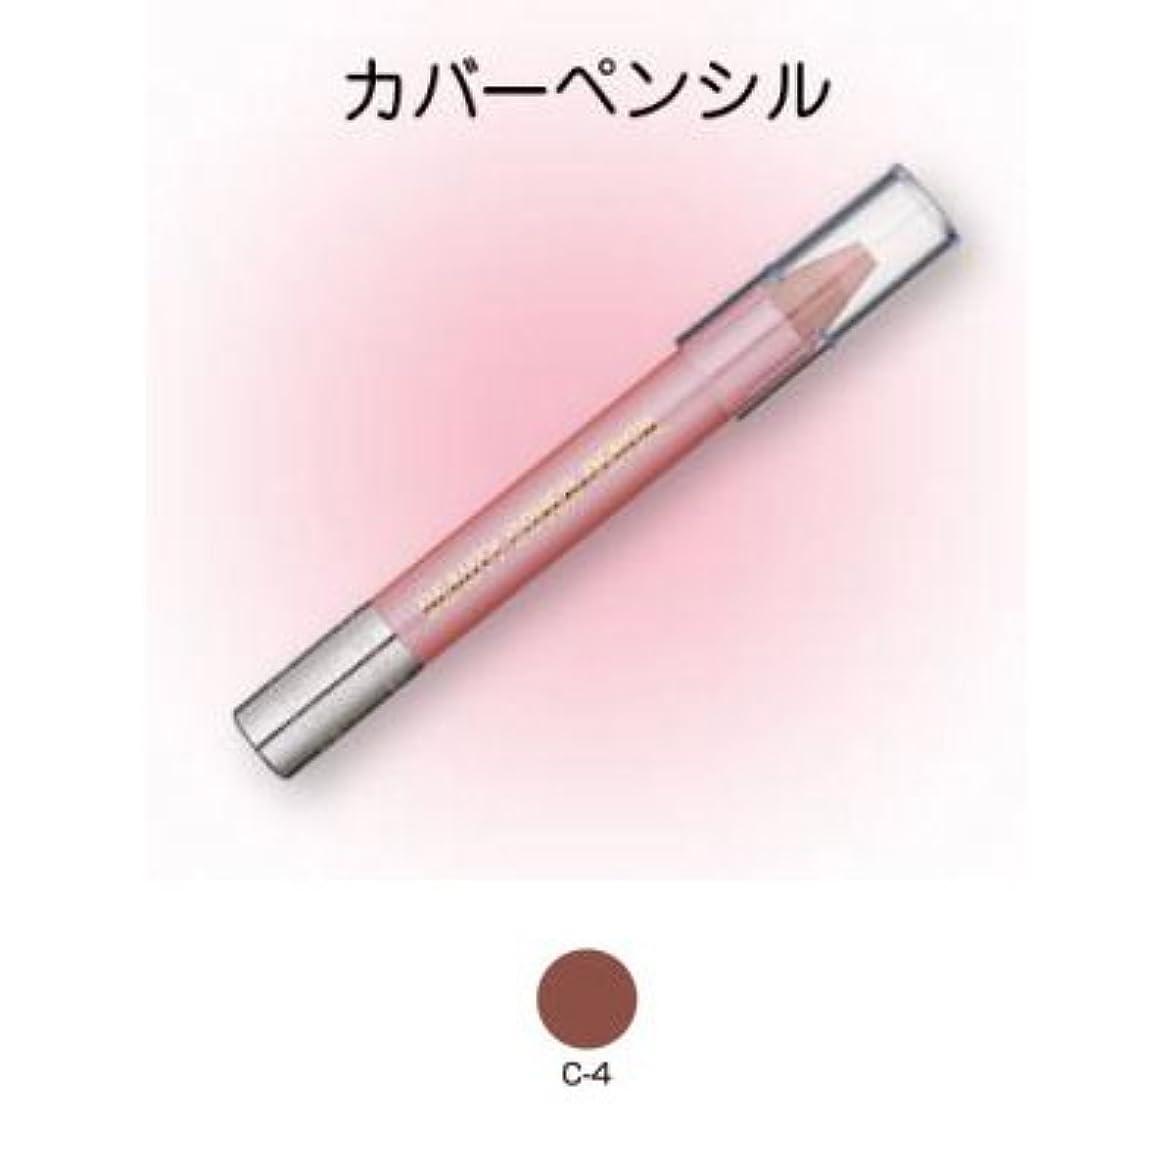 侵入する罰磨かれたビューティーカバーペンシル C-4【三善】